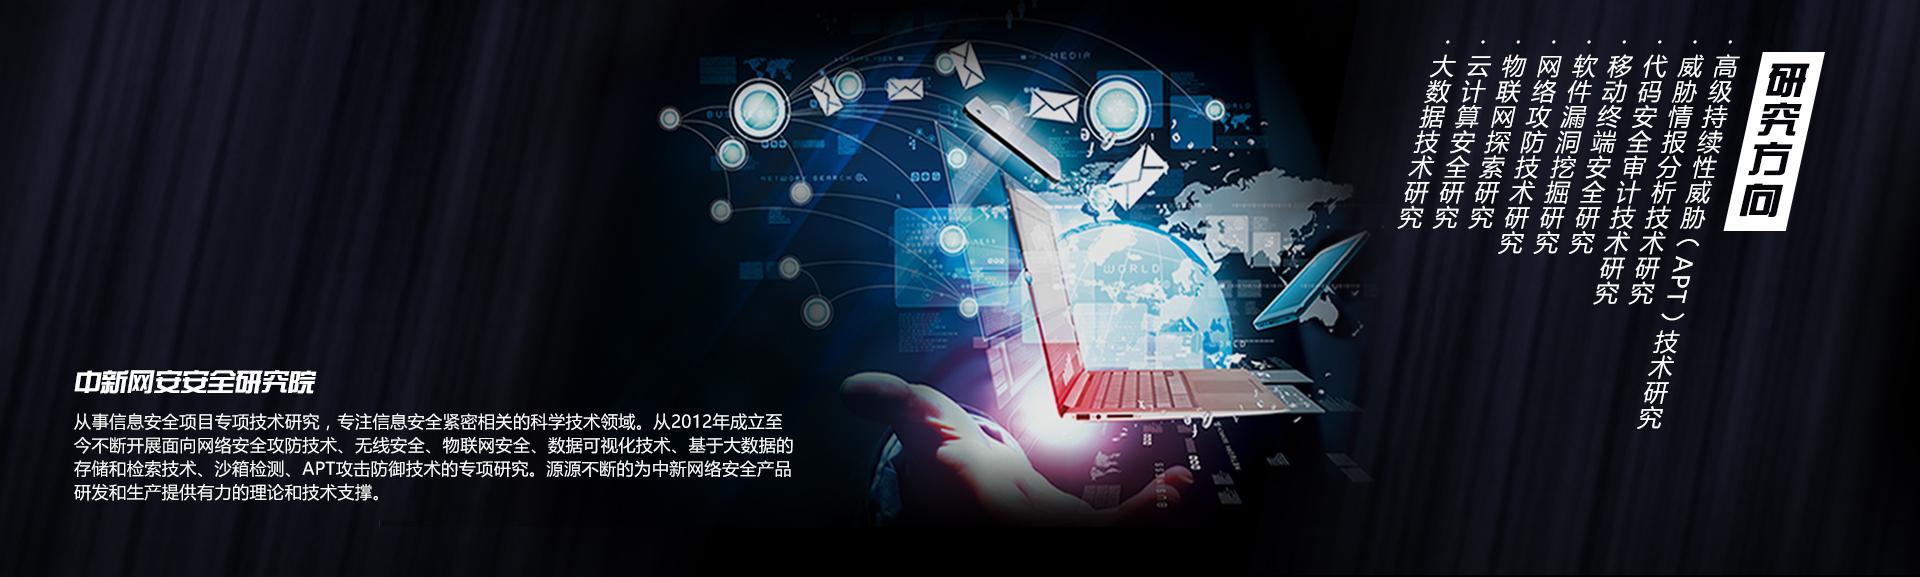 中新网安安全研究院